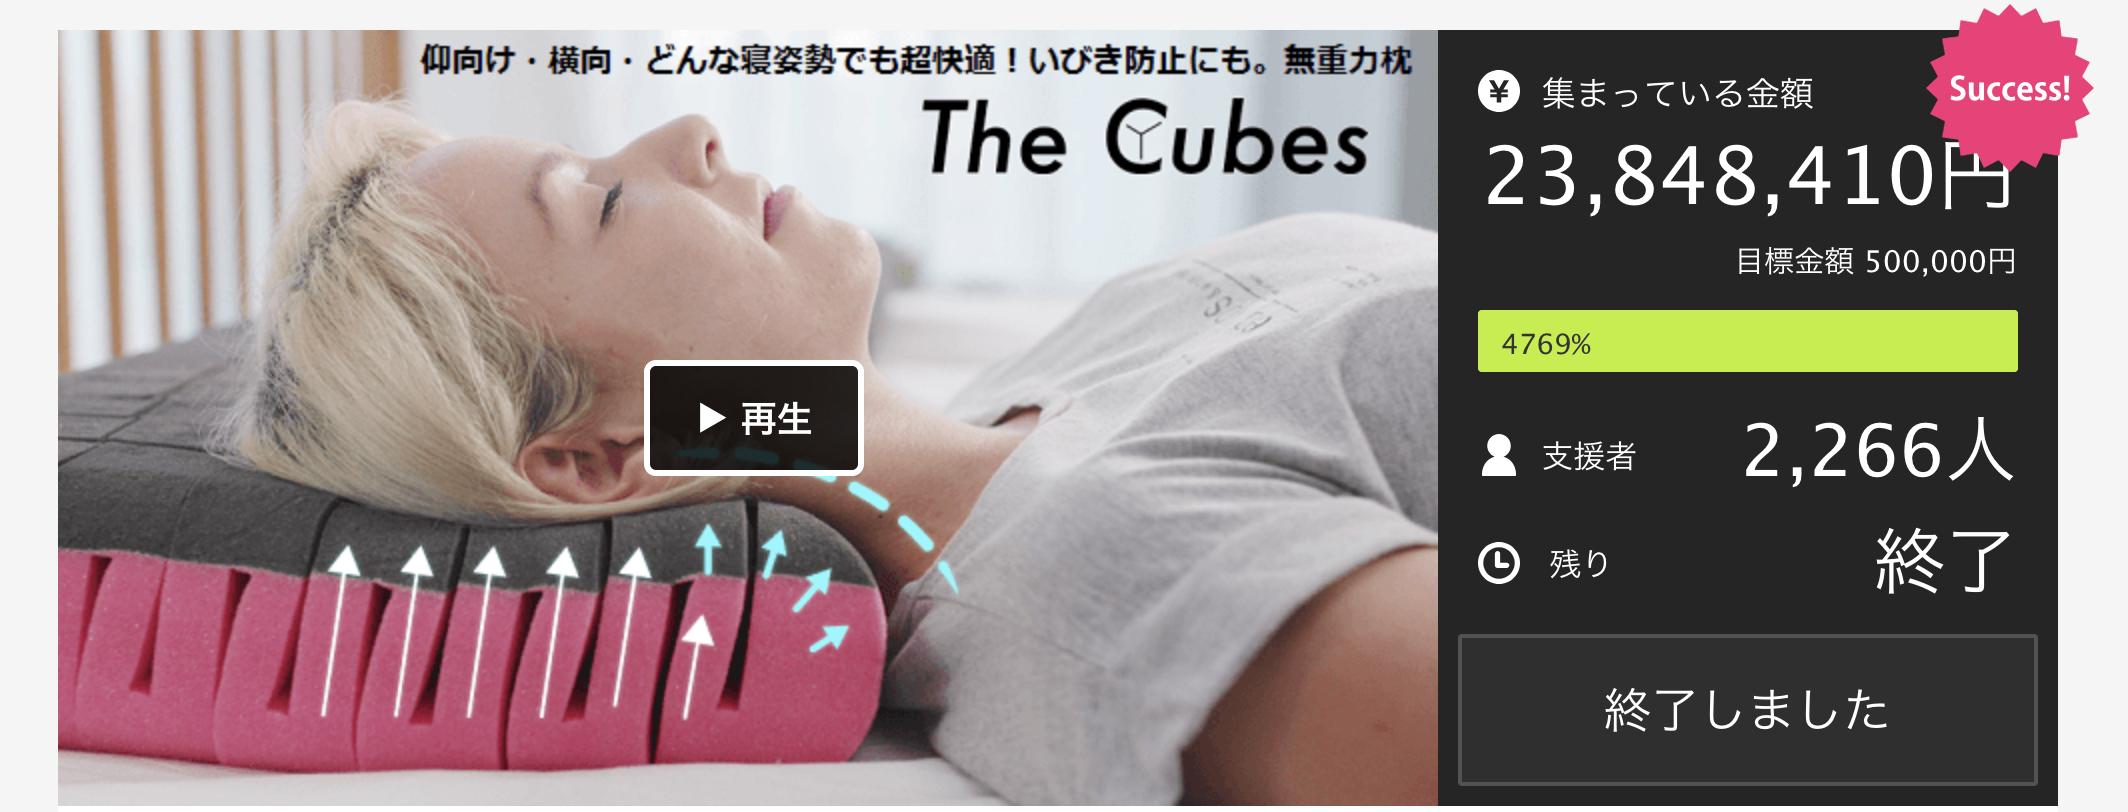 thecubes